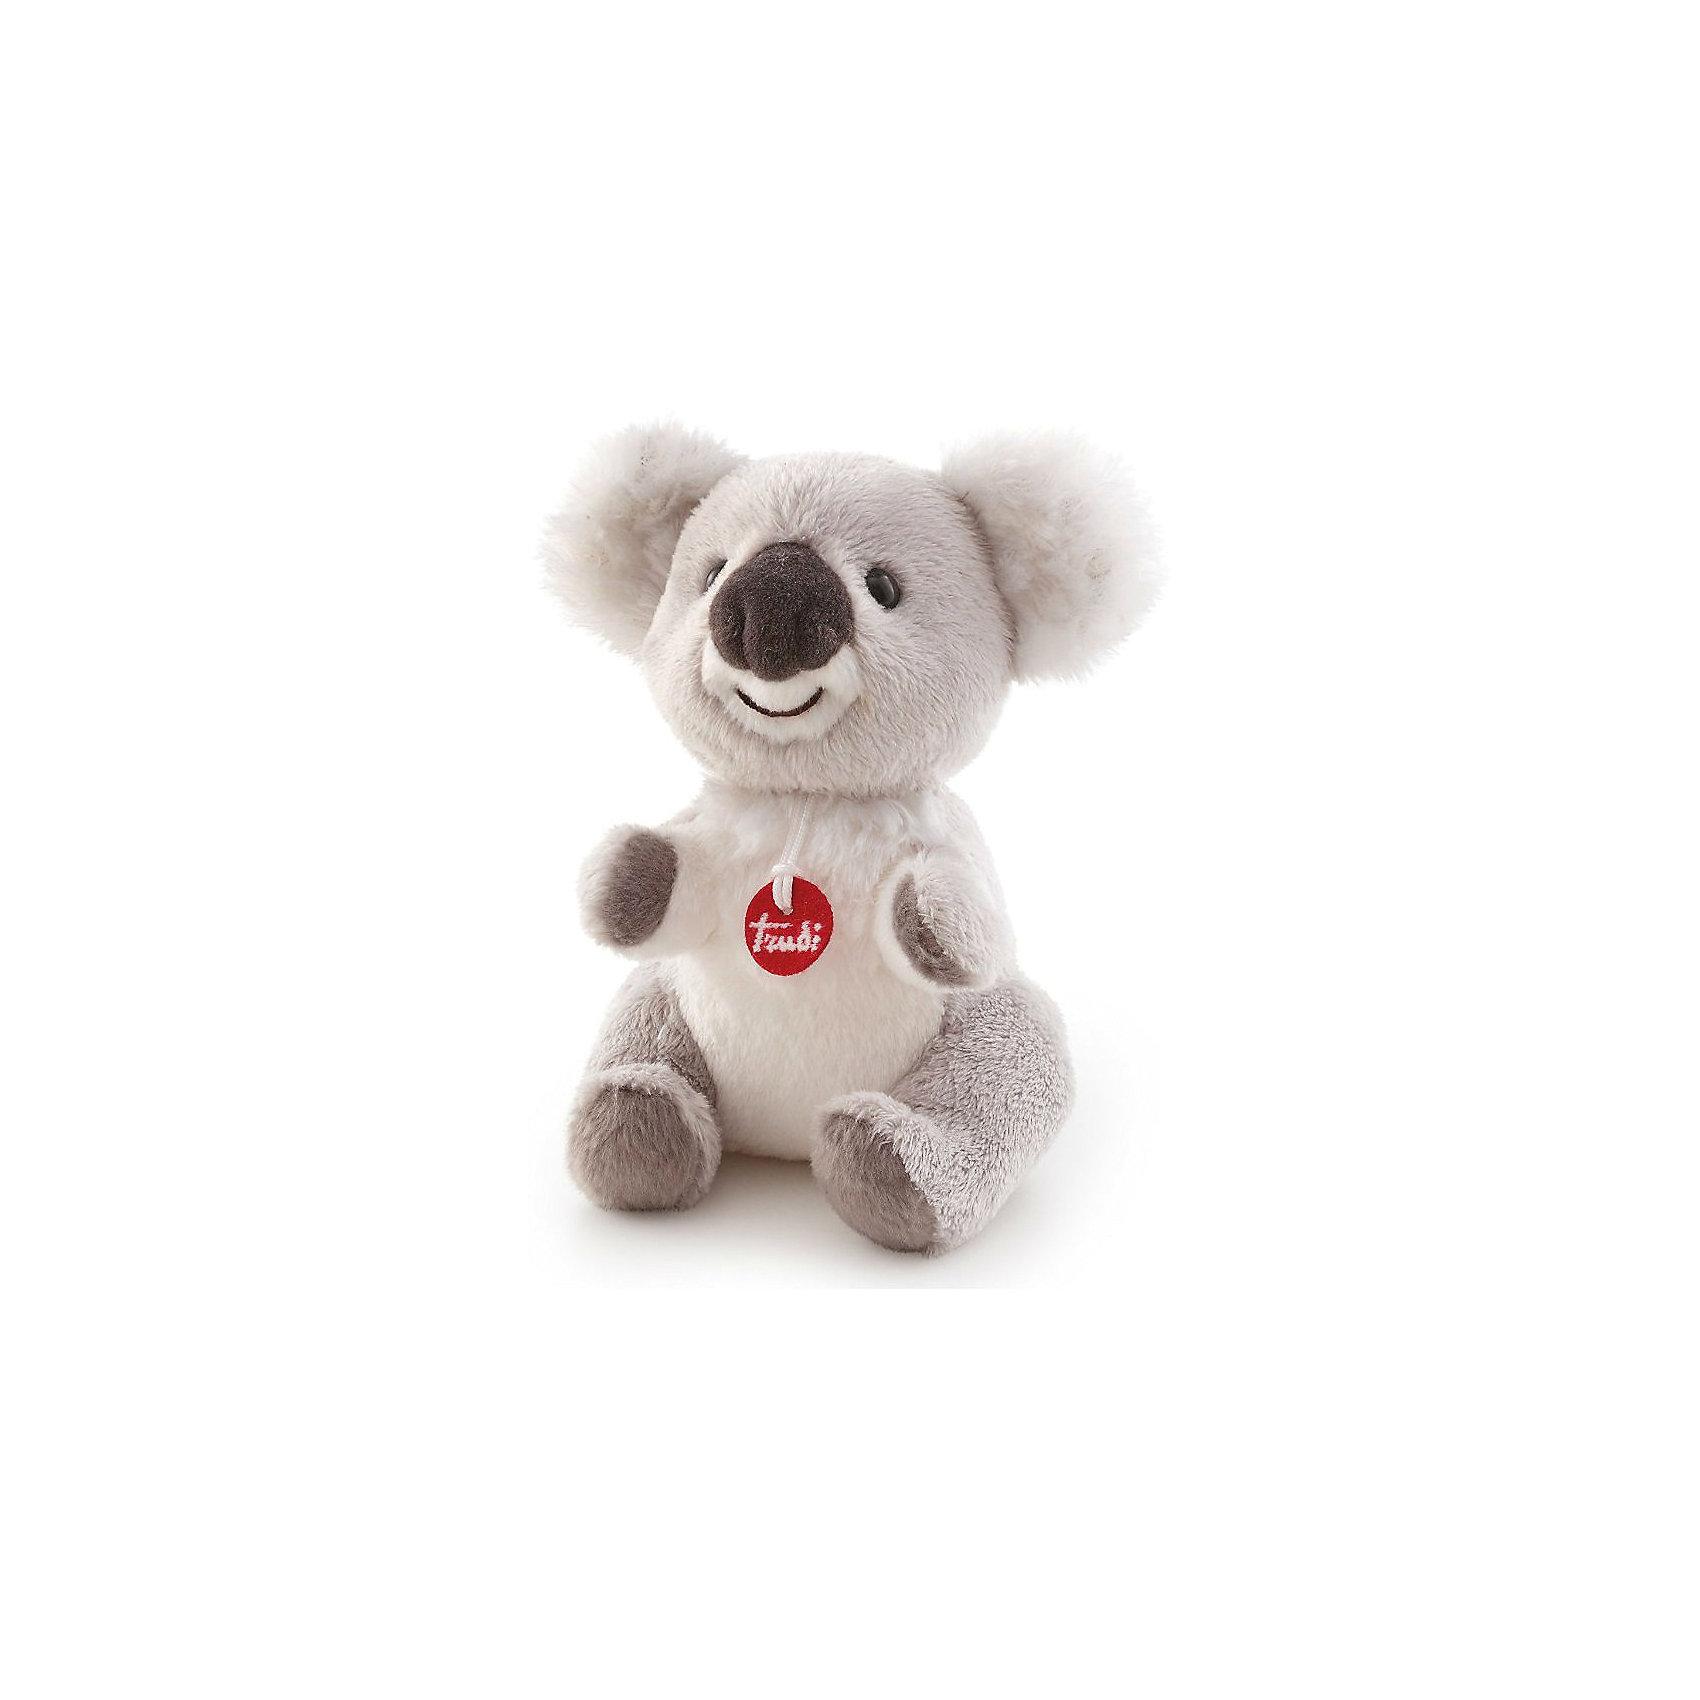 Коала, 15 см, TrudiЗвери и птицы<br>Милый коала от Trudi очарует и детей и взрослых! Мягкая шерстка коалы очень приятна на ощупь. С ним будет очень весело играть днем, придумывая разные истории, и спокойно и уютно засыпать ночью. Игрушка изготовлена из высококачественных нетоксичных гипоаллергенных материалов абсолютно безопасных для самых маленьких детей.<br><br>Дополнительная информация:<br><br>- Материал: пластик, текстиль, искусственный мех. <br>- Высота: 15 см. <br>- Допускается машинная стирка при деликатной режиме (30 ?).<br><br>Коалу, 15 см, Trudi (Труди), можно купить в нашем магазине.<br><br>Ширина мм: 95<br>Глубина мм: 150<br>Высота мм: 140<br>Вес г: 80<br>Возраст от месяцев: 12<br>Возраст до месяцев: 2147483647<br>Пол: Унисекс<br>Возраст: Детский<br>SKU: 5055247